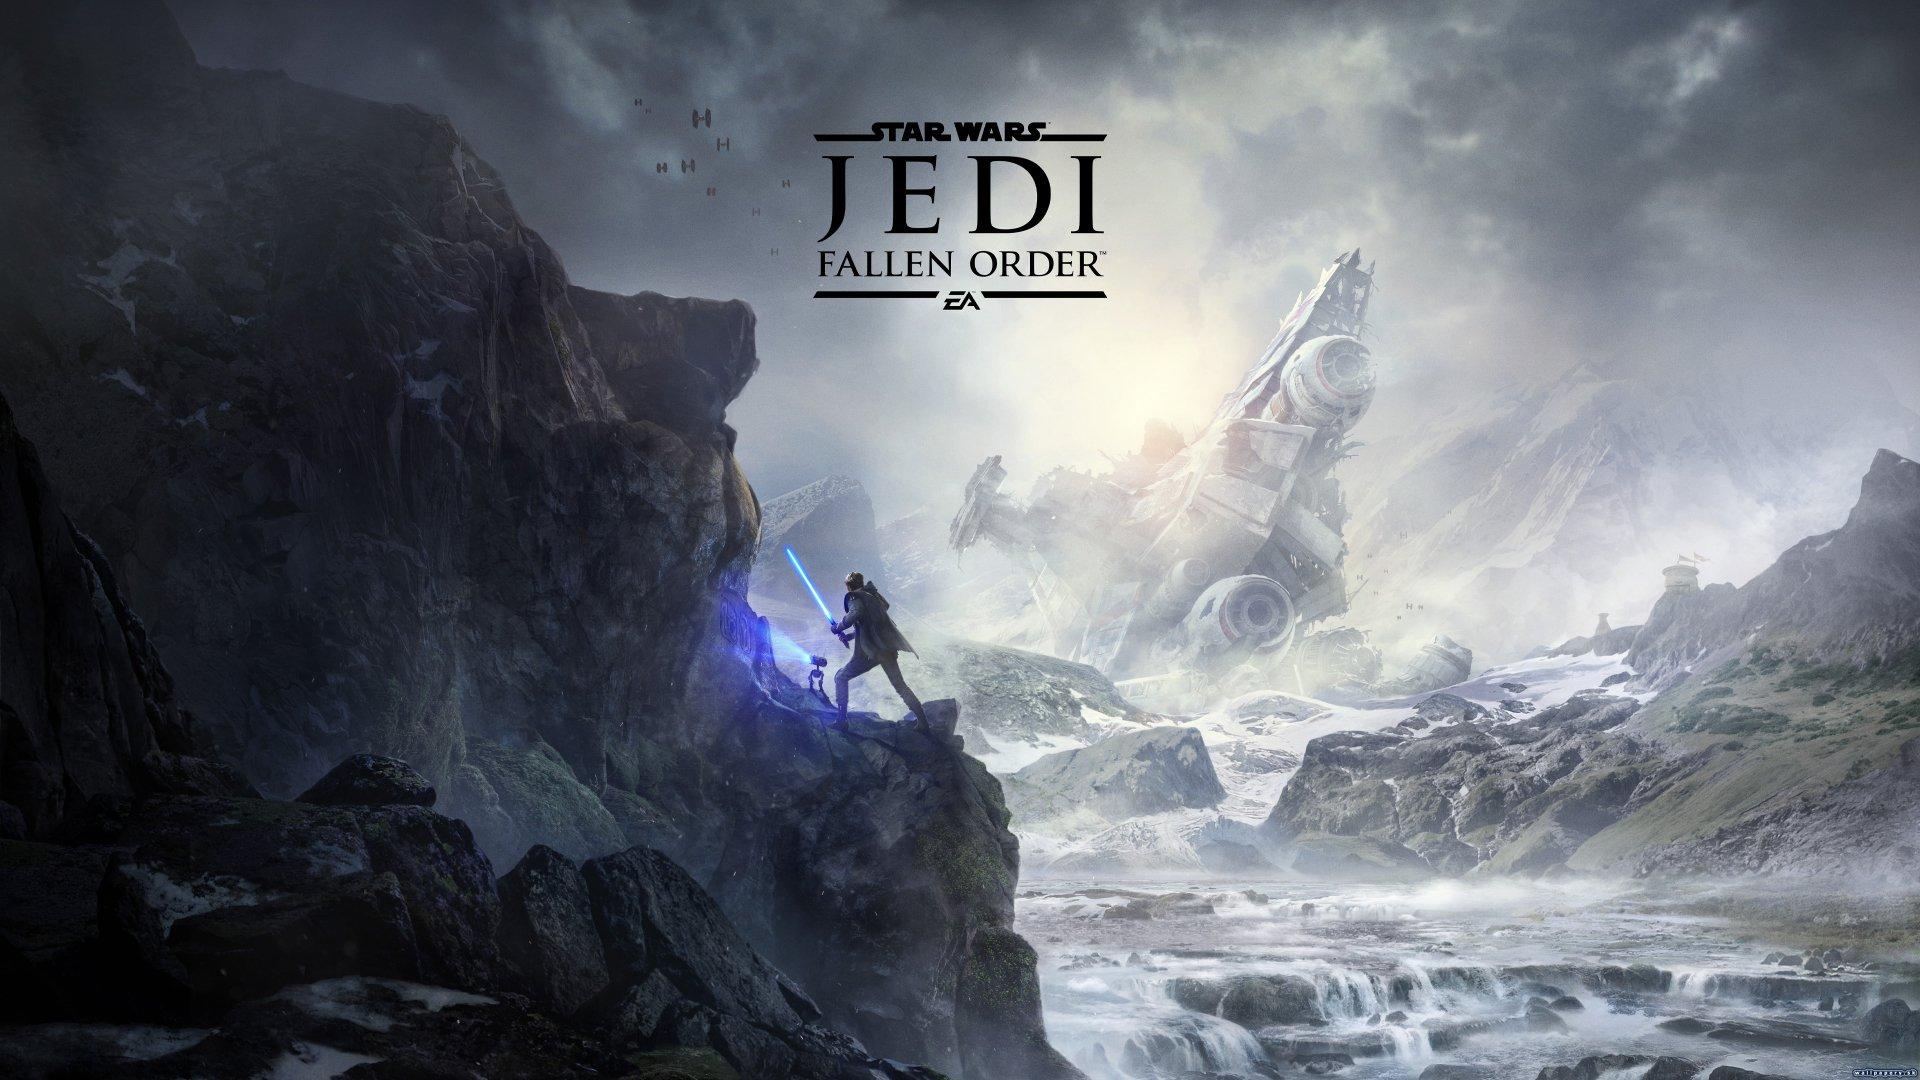 Игра Star Wars Jedi: Fallen Order получила очень высокие оценки